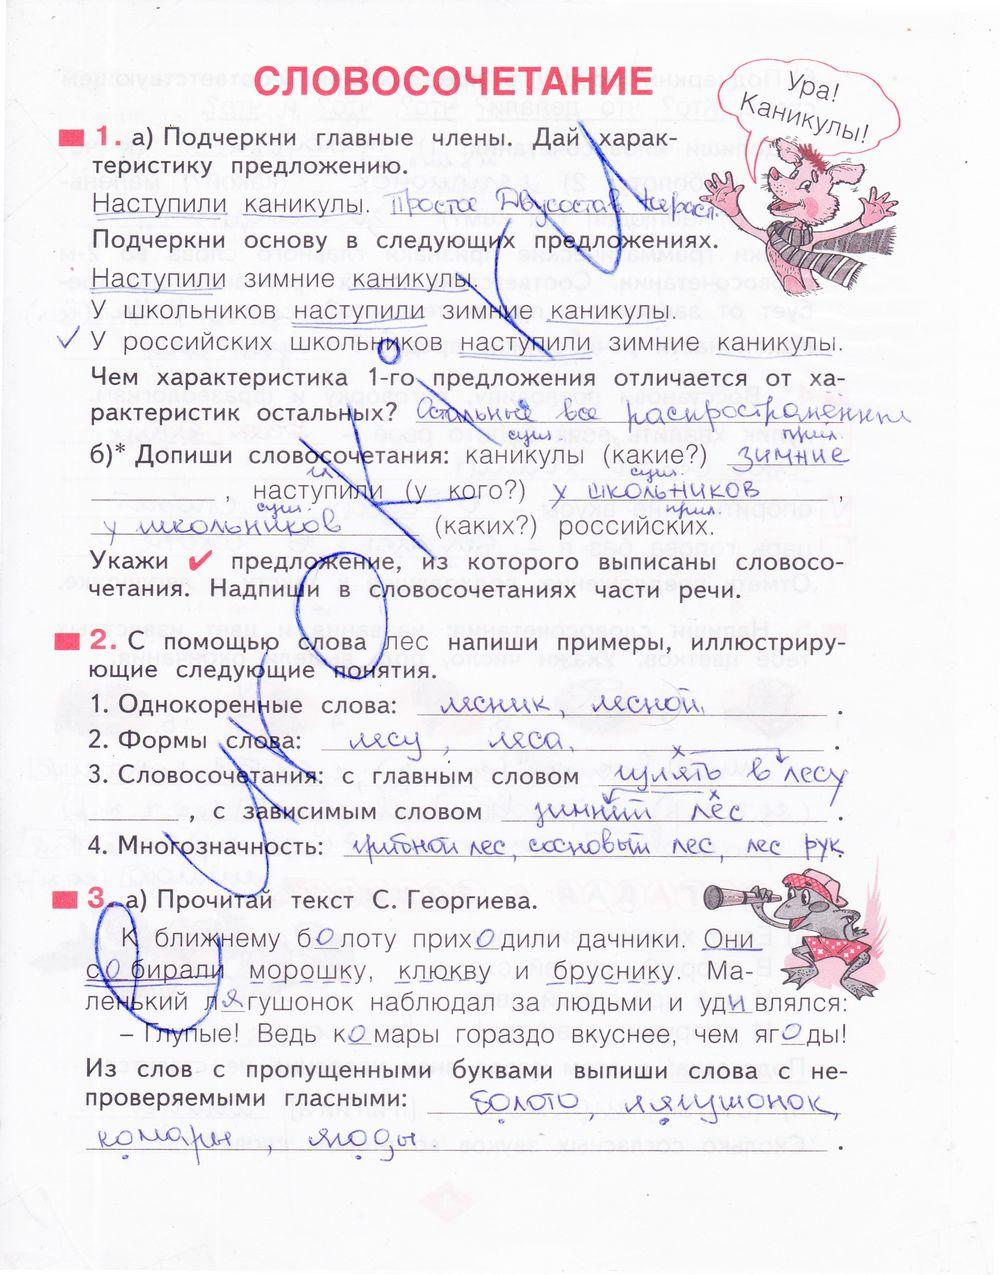 Решеба ру 7 класс география андриевская галай